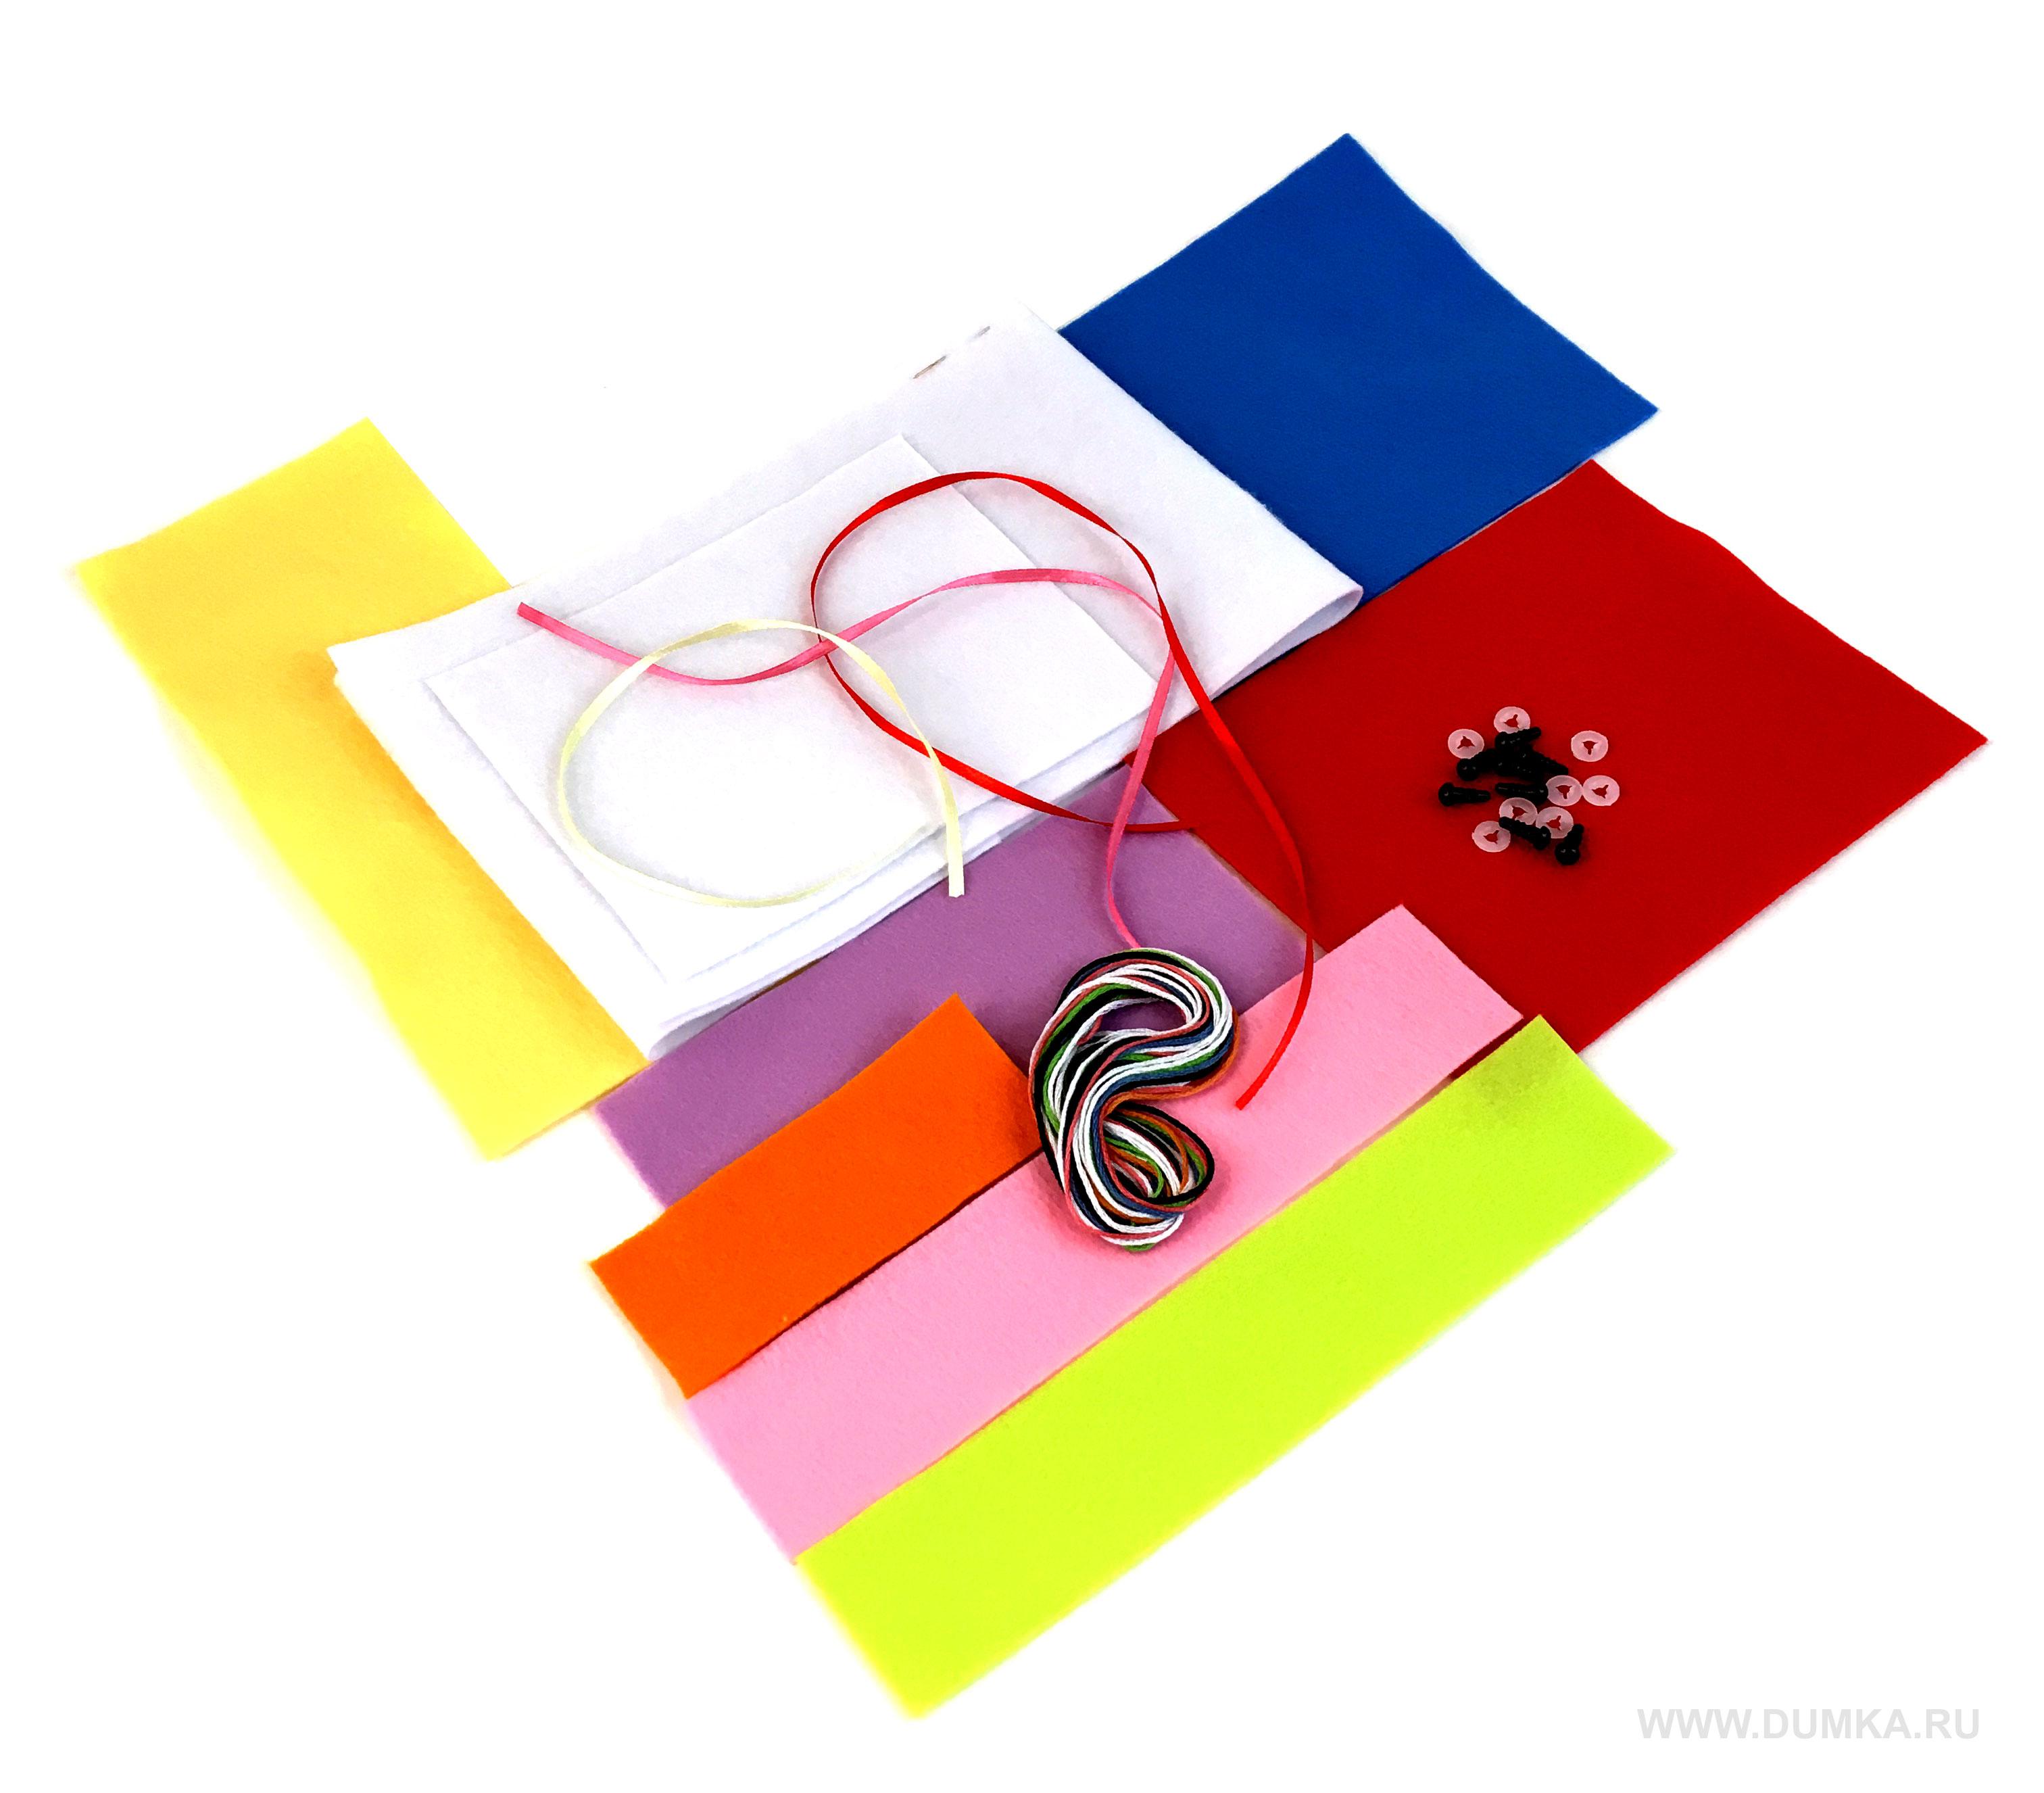 Набор для шитья игрушки «Семейка Снеговиков» - фотография 6